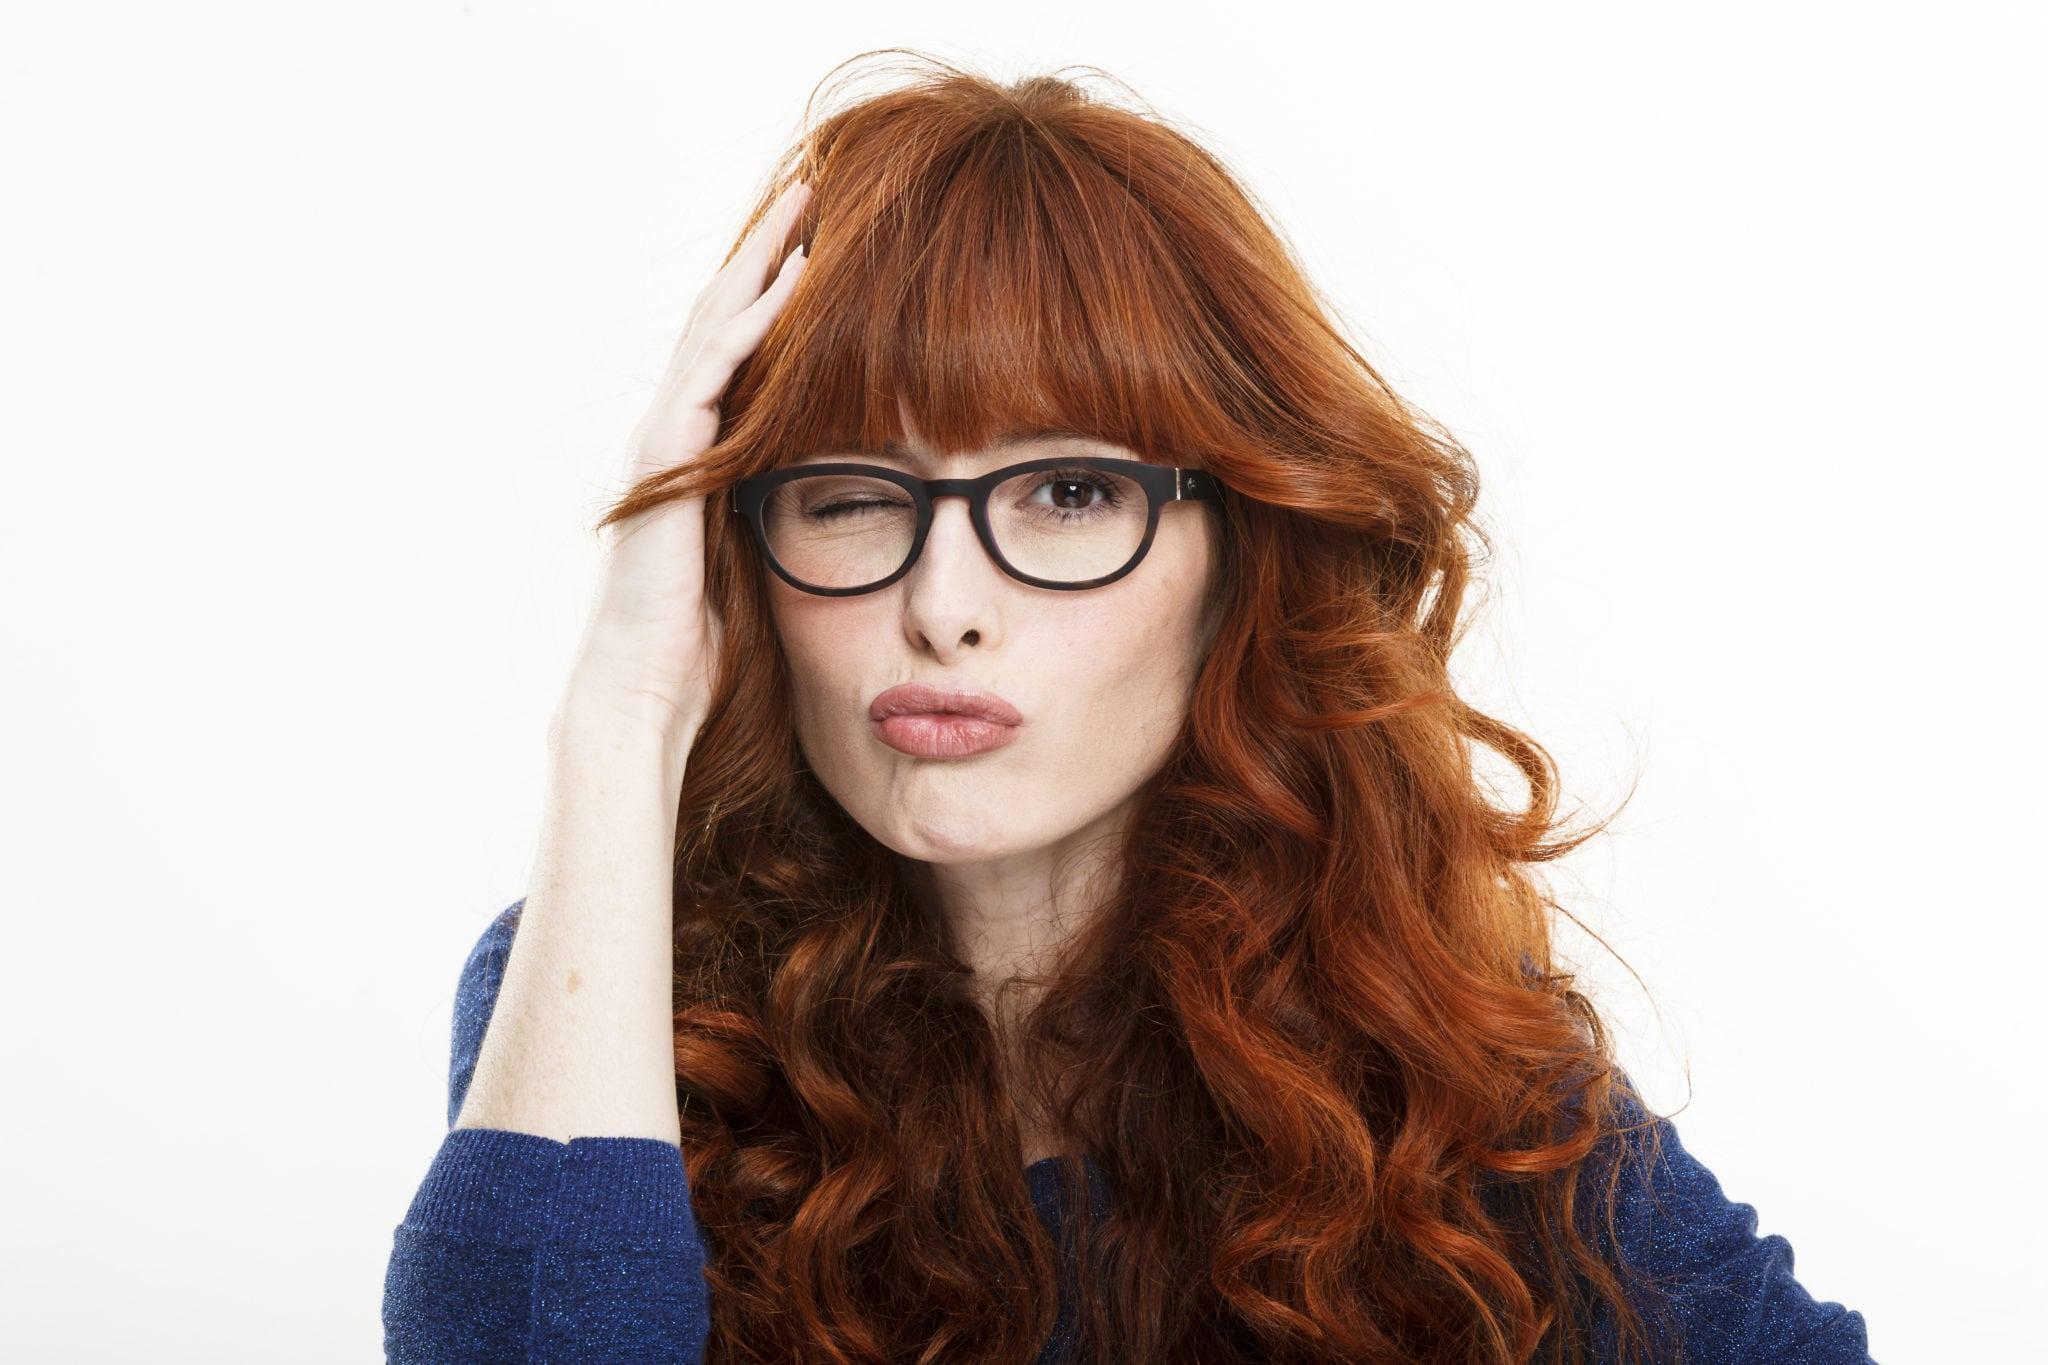 b47b2777fd Un tipo de gafa para cada peinado - Voilà by Afflelou – Blog de  oftalmología de Alain Afflelou